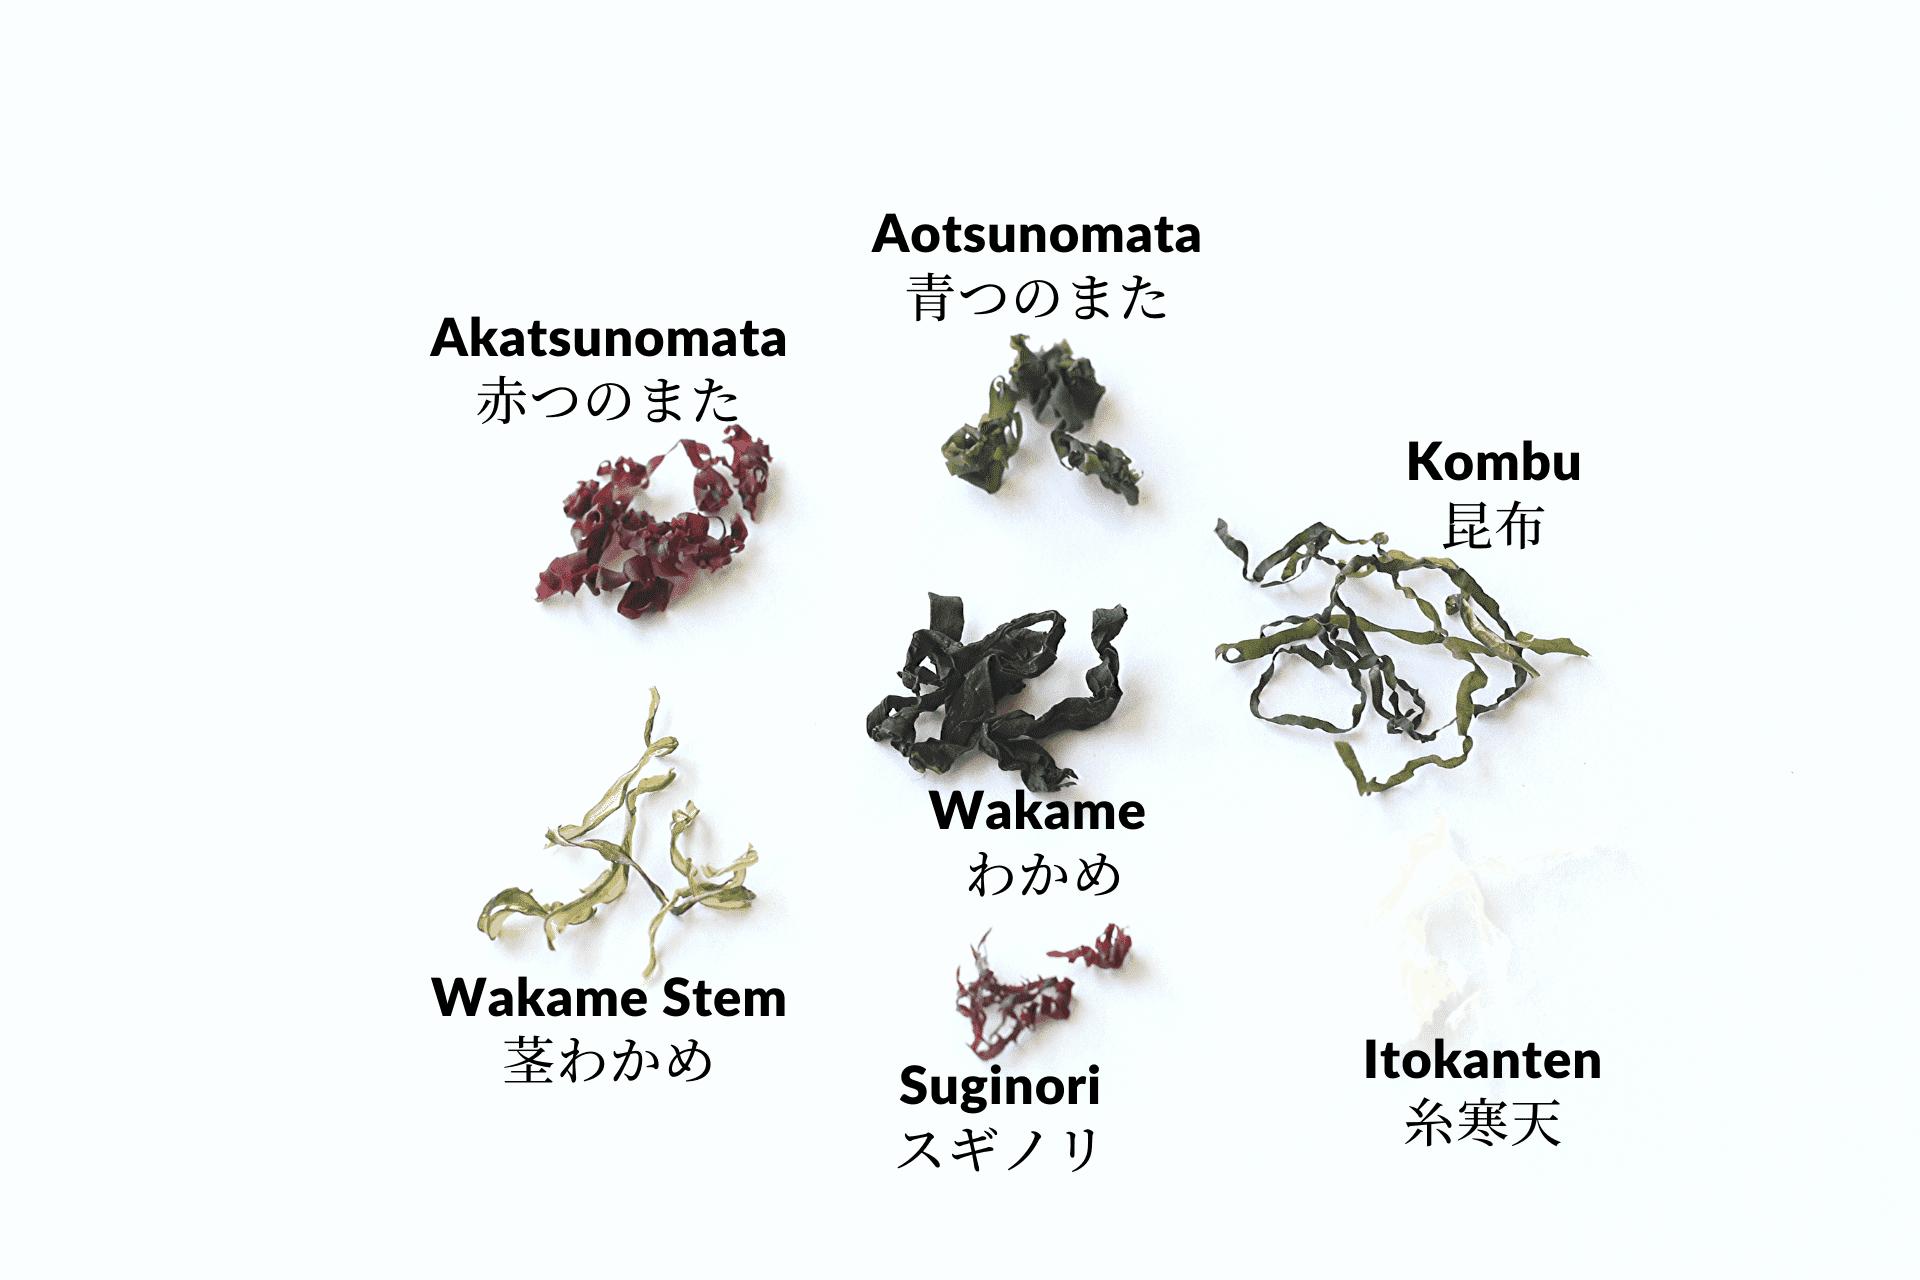 海藻ミックスの中身:個々の海藻を並べている